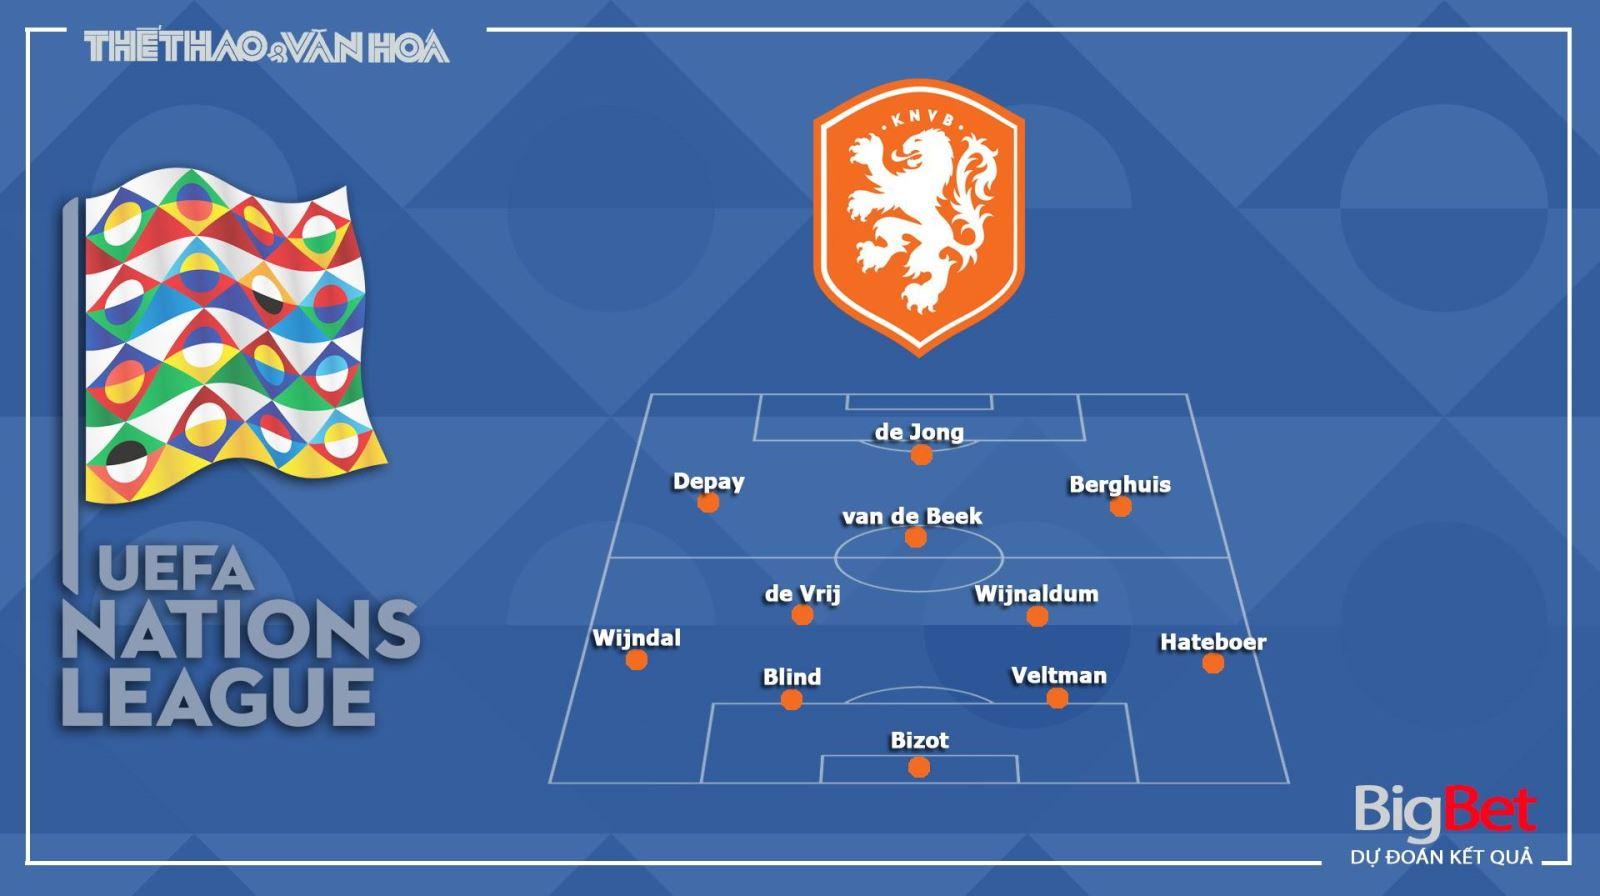 Keo nha cai, Kèo nhà cái, Hà Lan vs Bosnia, Trực tiếp bóng đá, Vòng bảng UEFA Nations League, Kèo Hà Lan vs Bosnia, Keo bong da, Tin tức bóng đá hôm nay, Kèo Hà Lan, BĐTV